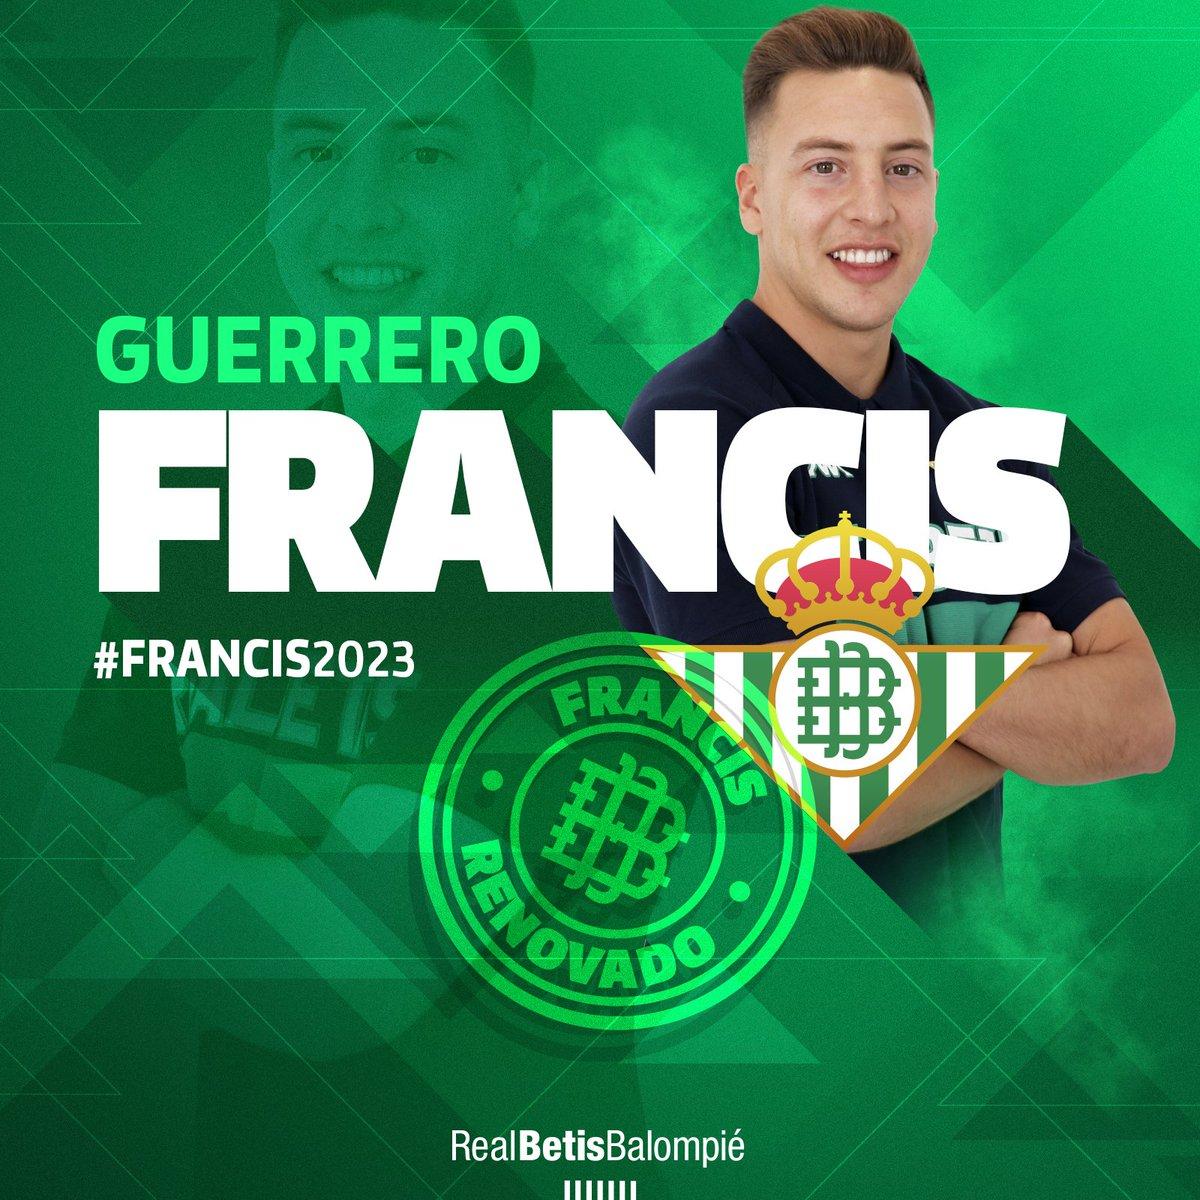 Francis Guerrero